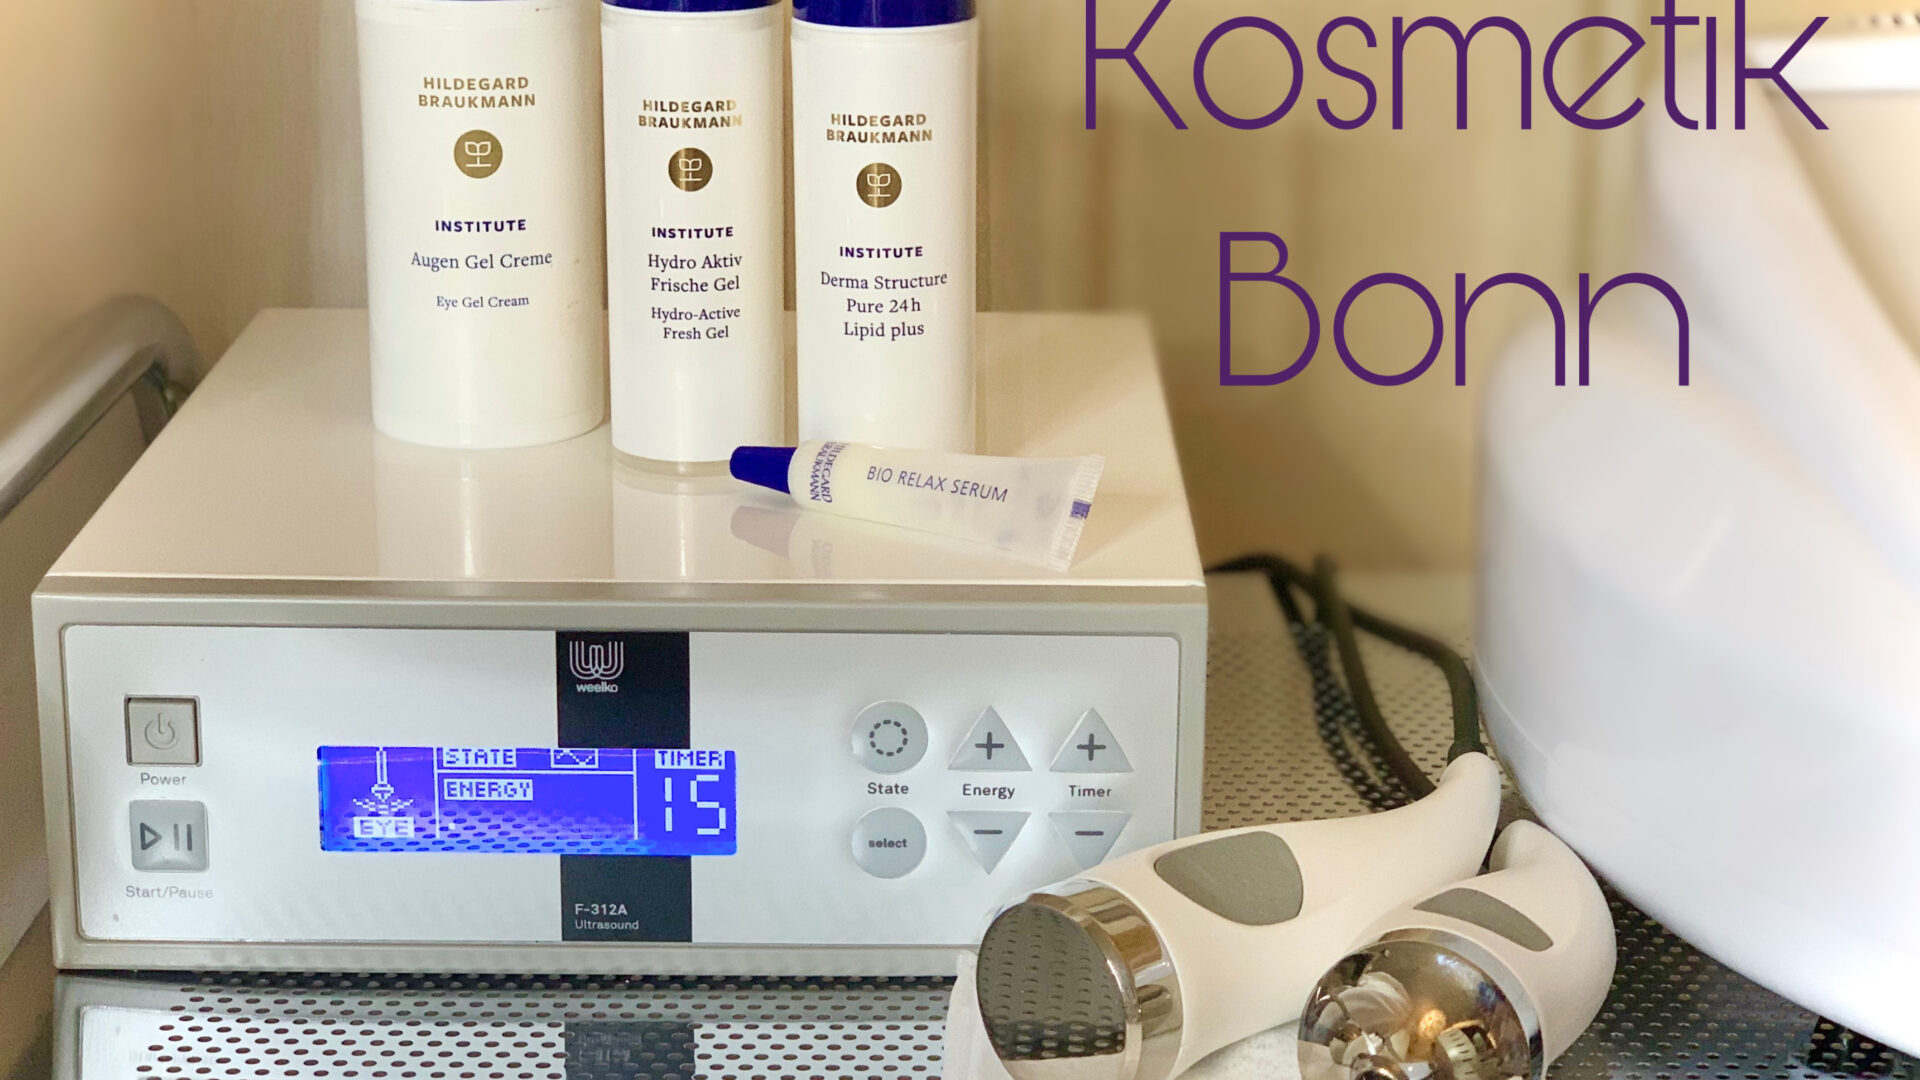 Meine Kosmetik Bonn